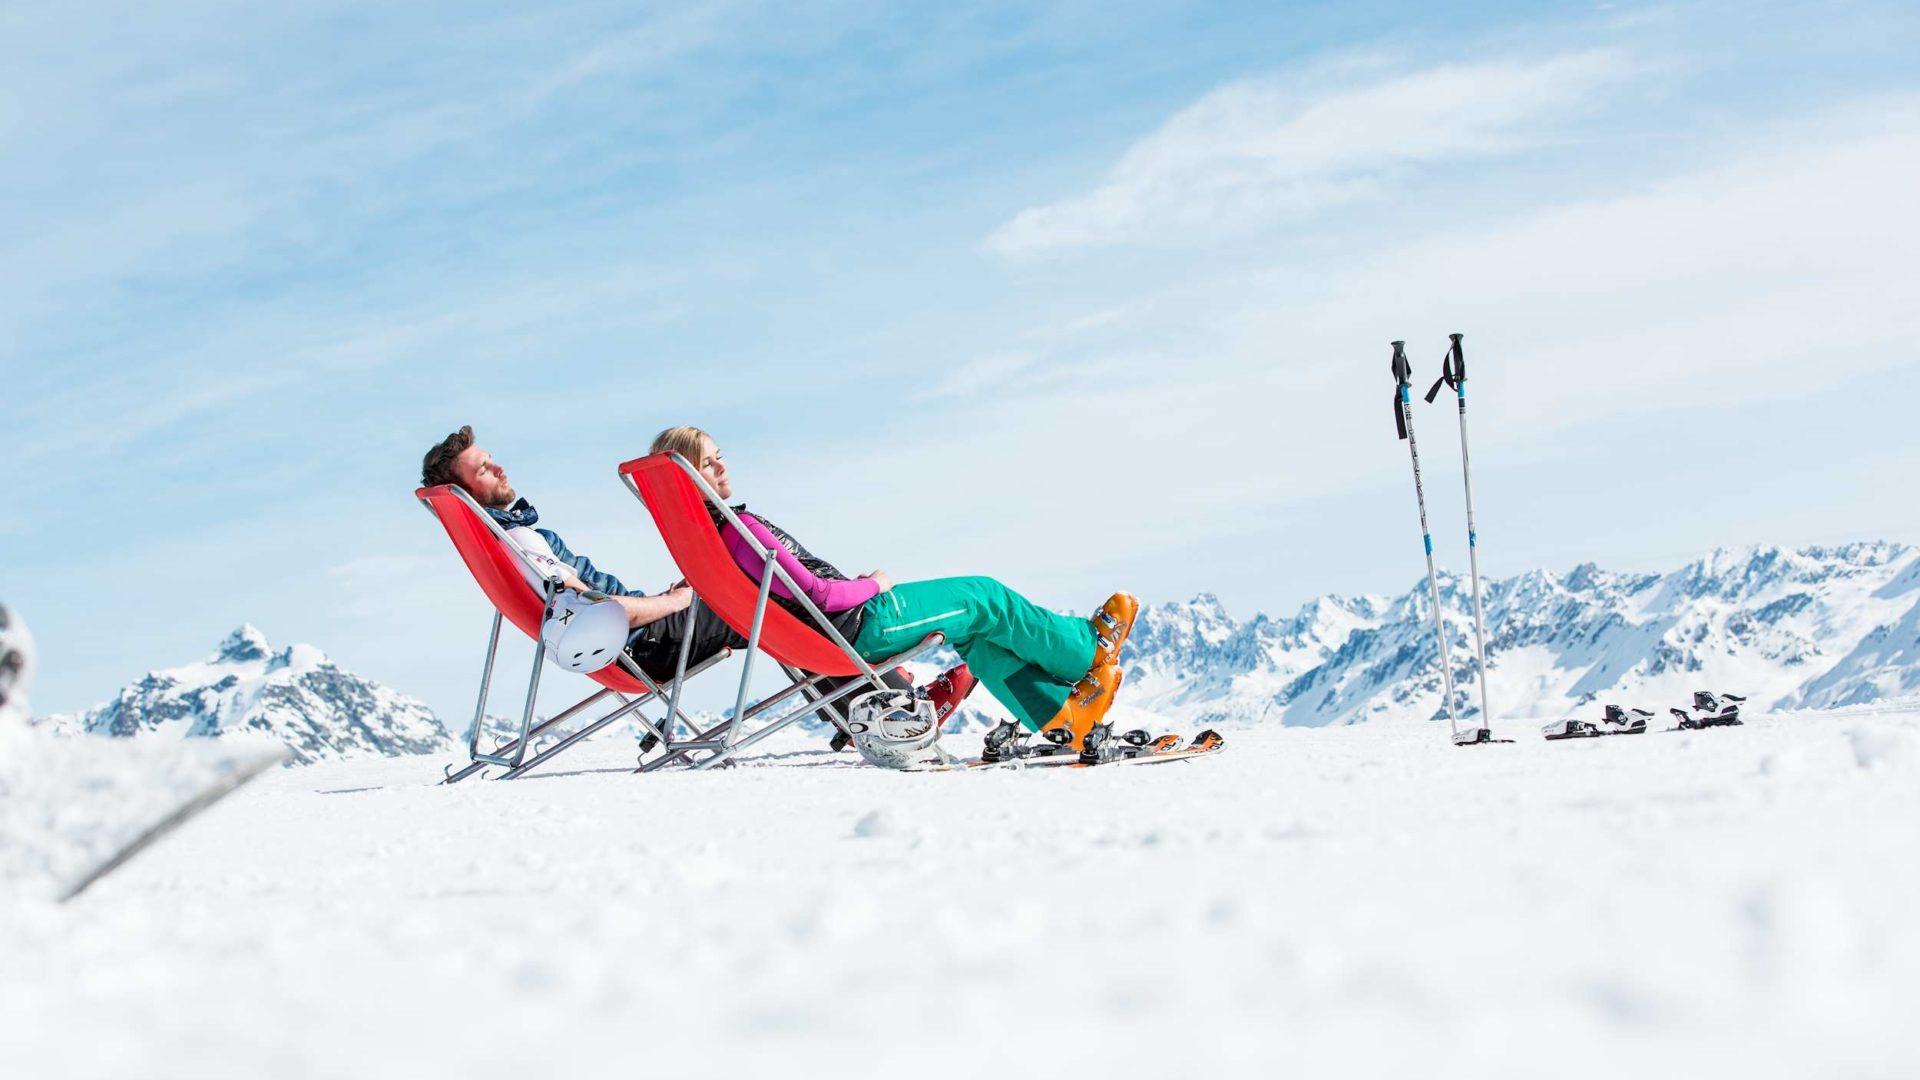 Sonnenski, Relaxen im Skigebiet, Urlaubsangebote, Kurzurlaub (c) Daniel Zangerl - Montafon Tourismus GmbH, Schruns